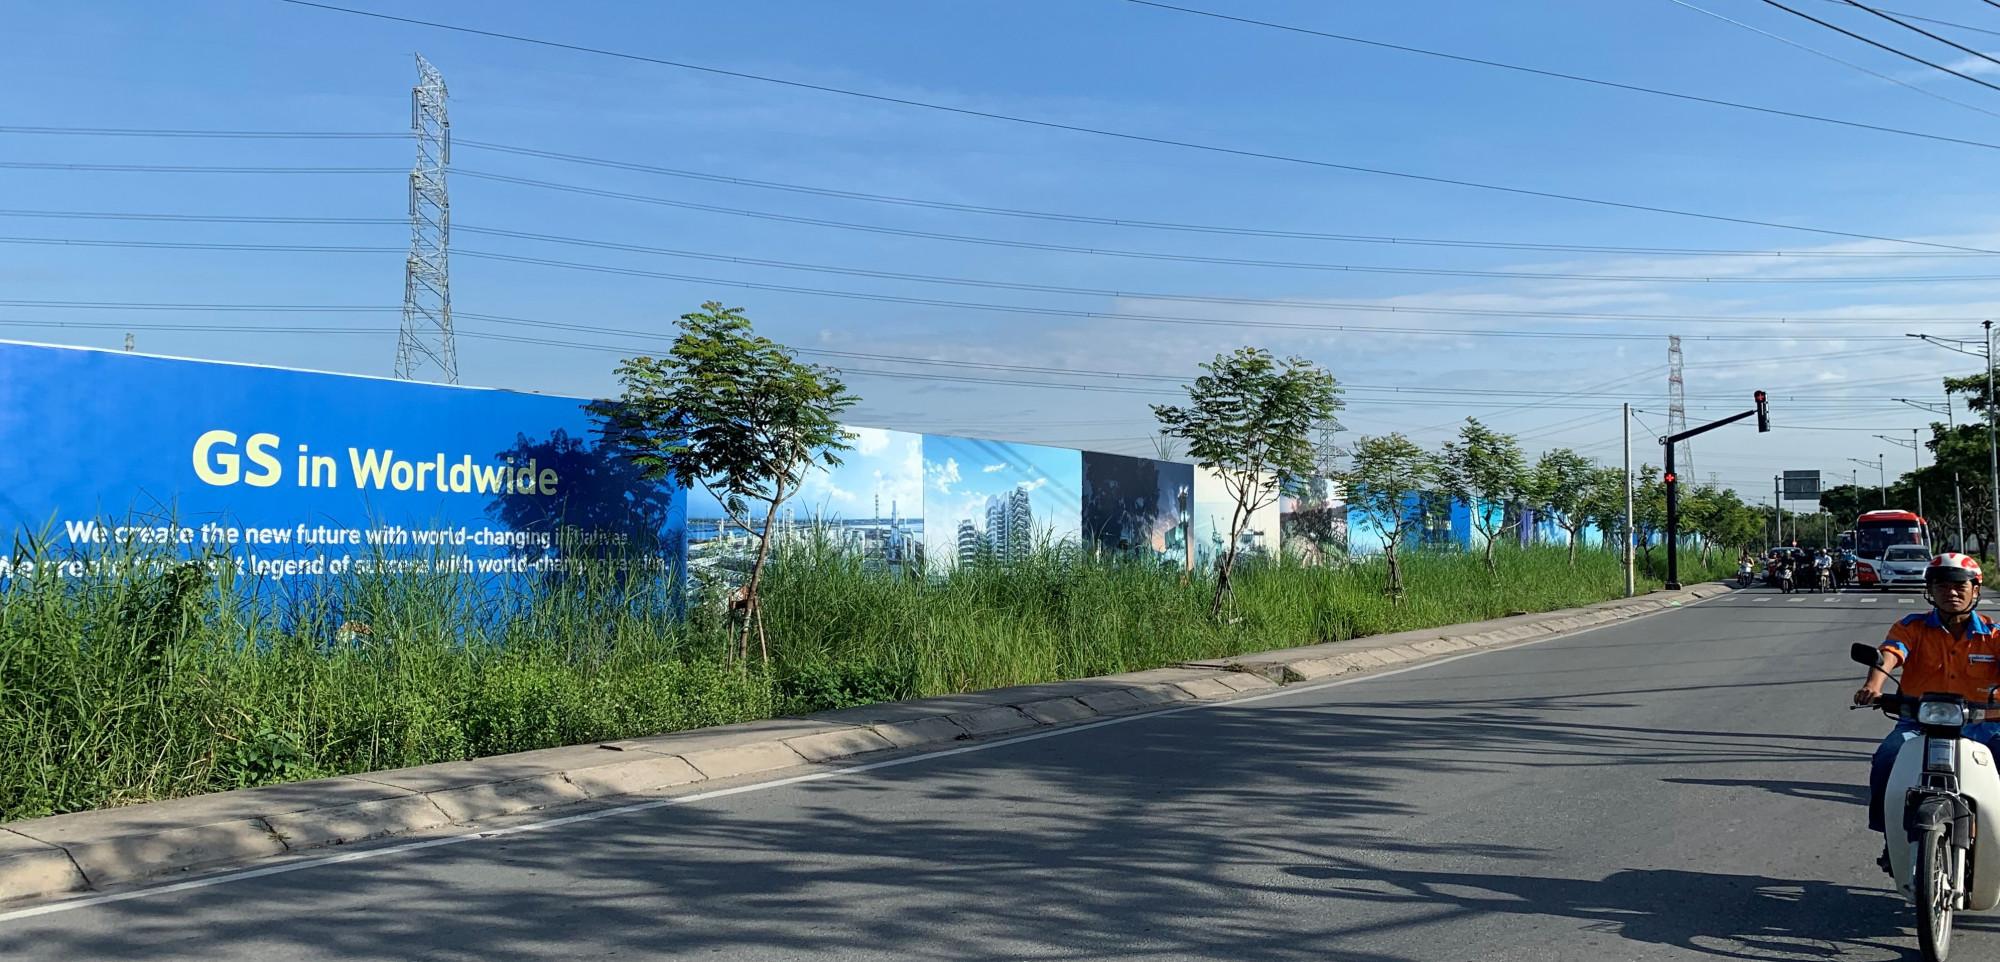 Các ngoài khu đất hàng rào với các tấm pano đã được dựng lên, phải chăng Tập đoàn GS E&C đang